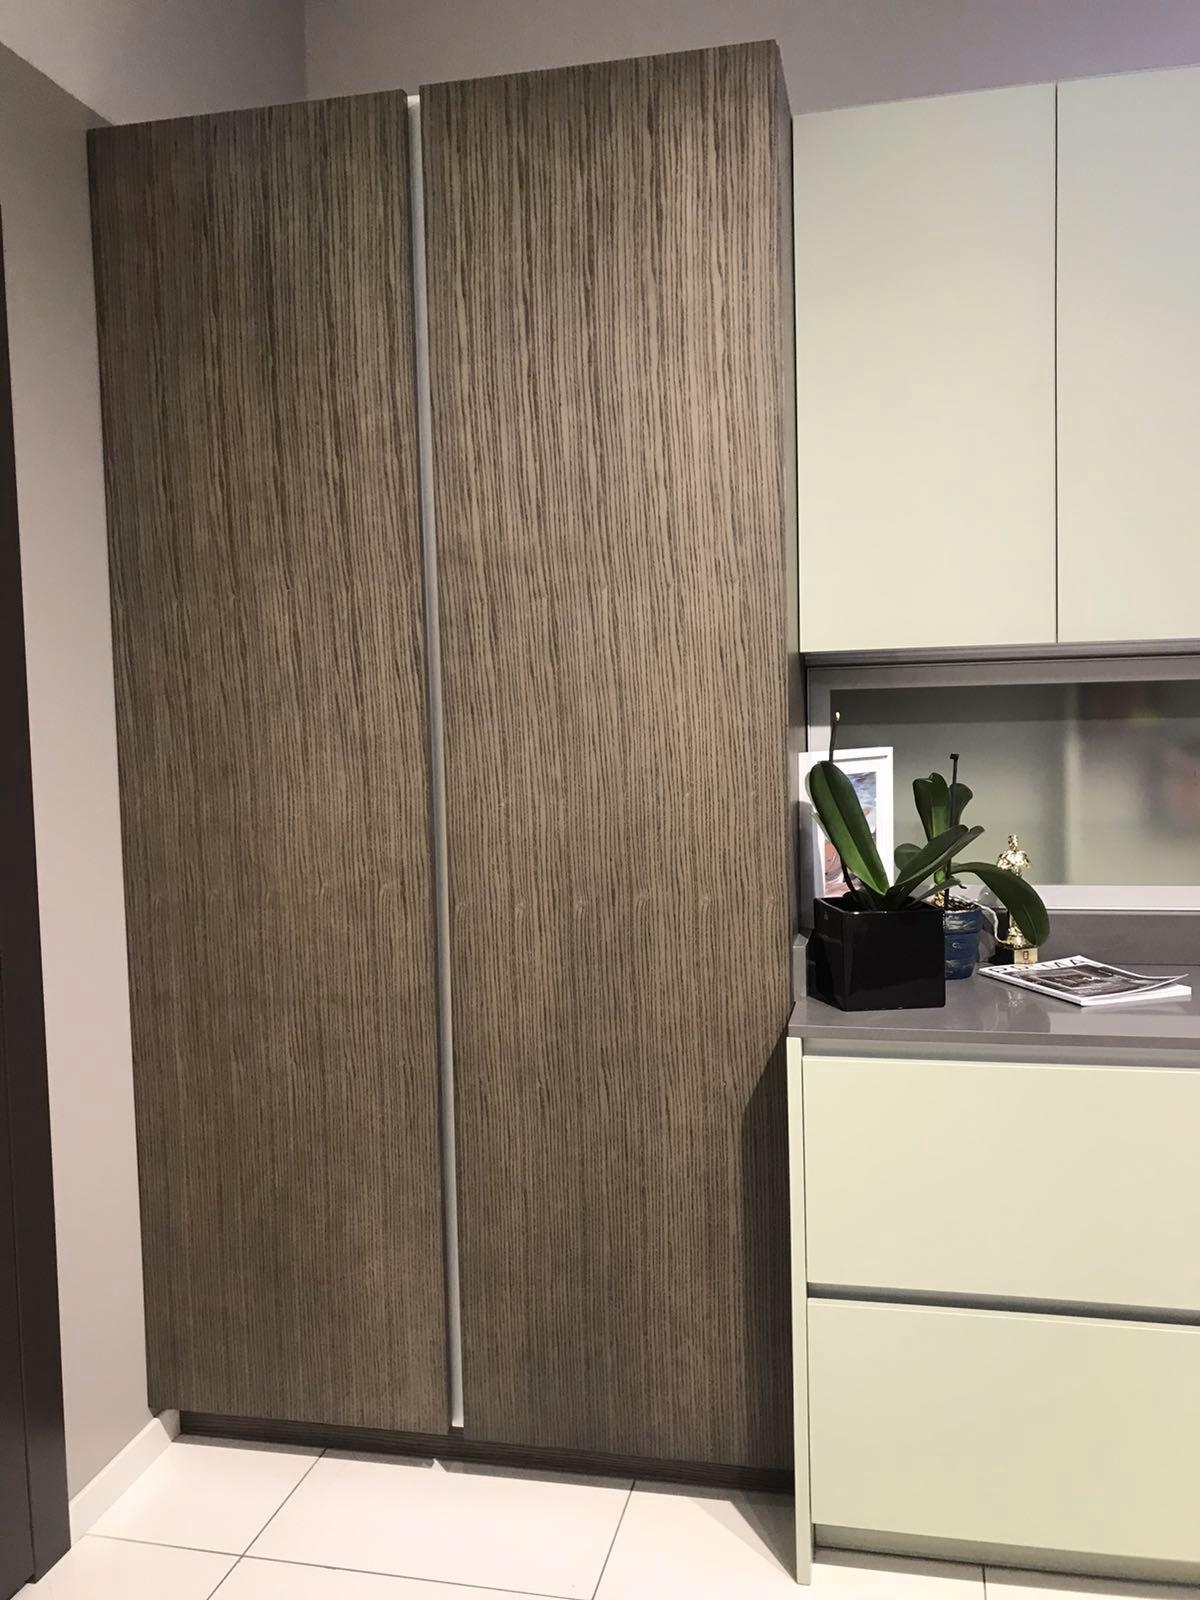 Распродажа выставочных образцов кухонь ELNOVA